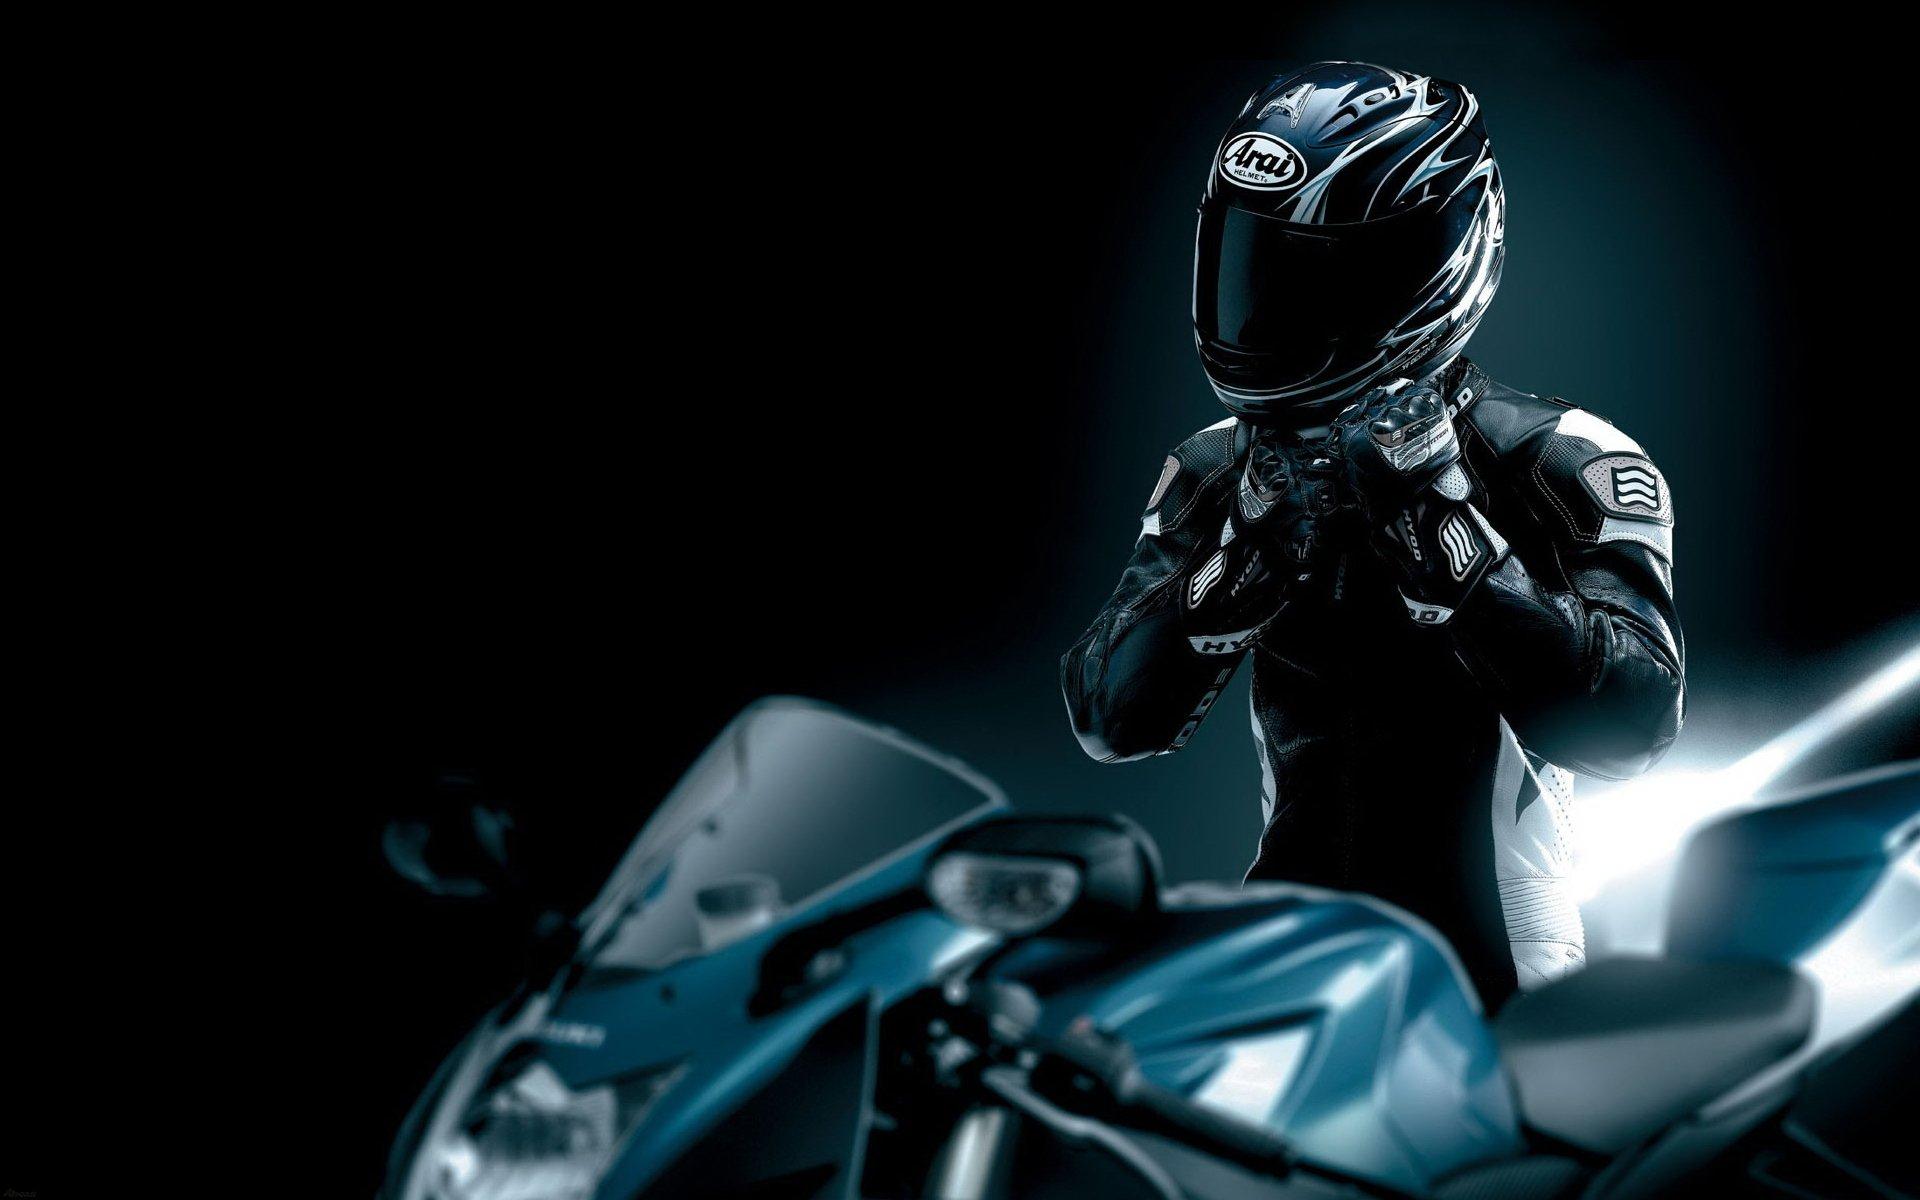 Картинки мотоциклистов на рабочий стол, фото высказываниями как